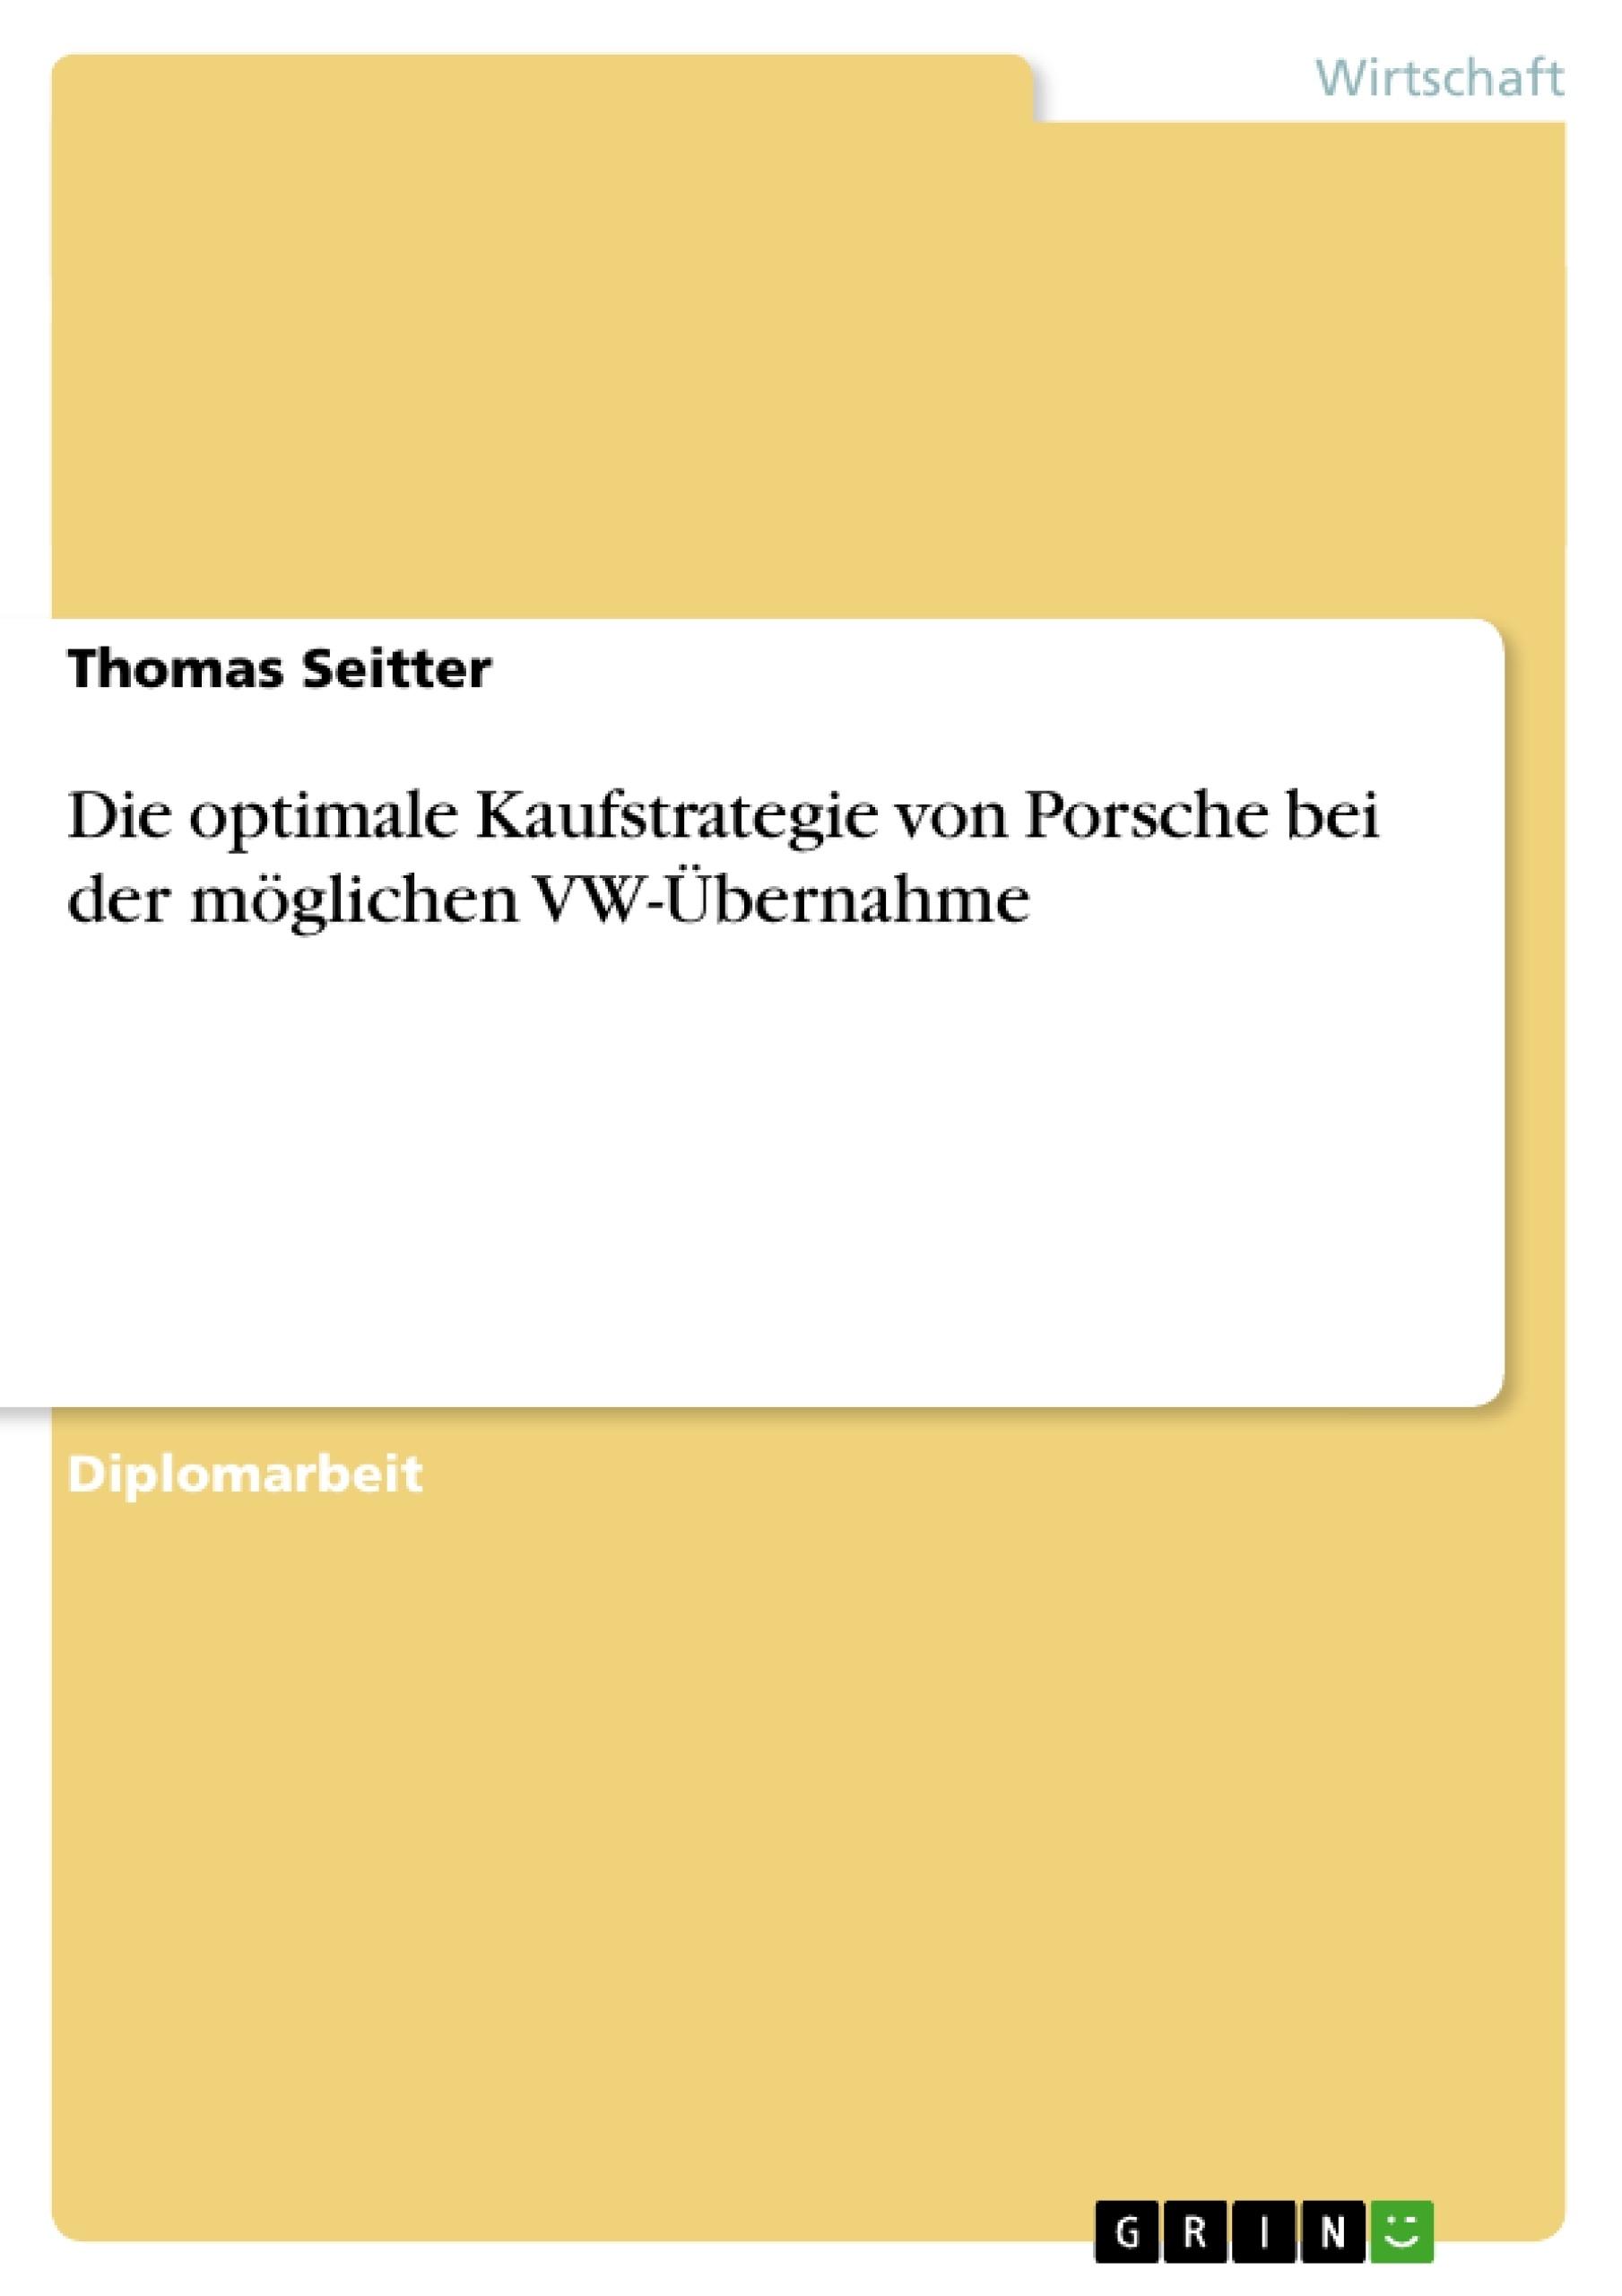 Titel: Die optimale Kaufstrategie von Porsche bei der möglichen VW-Übernahme